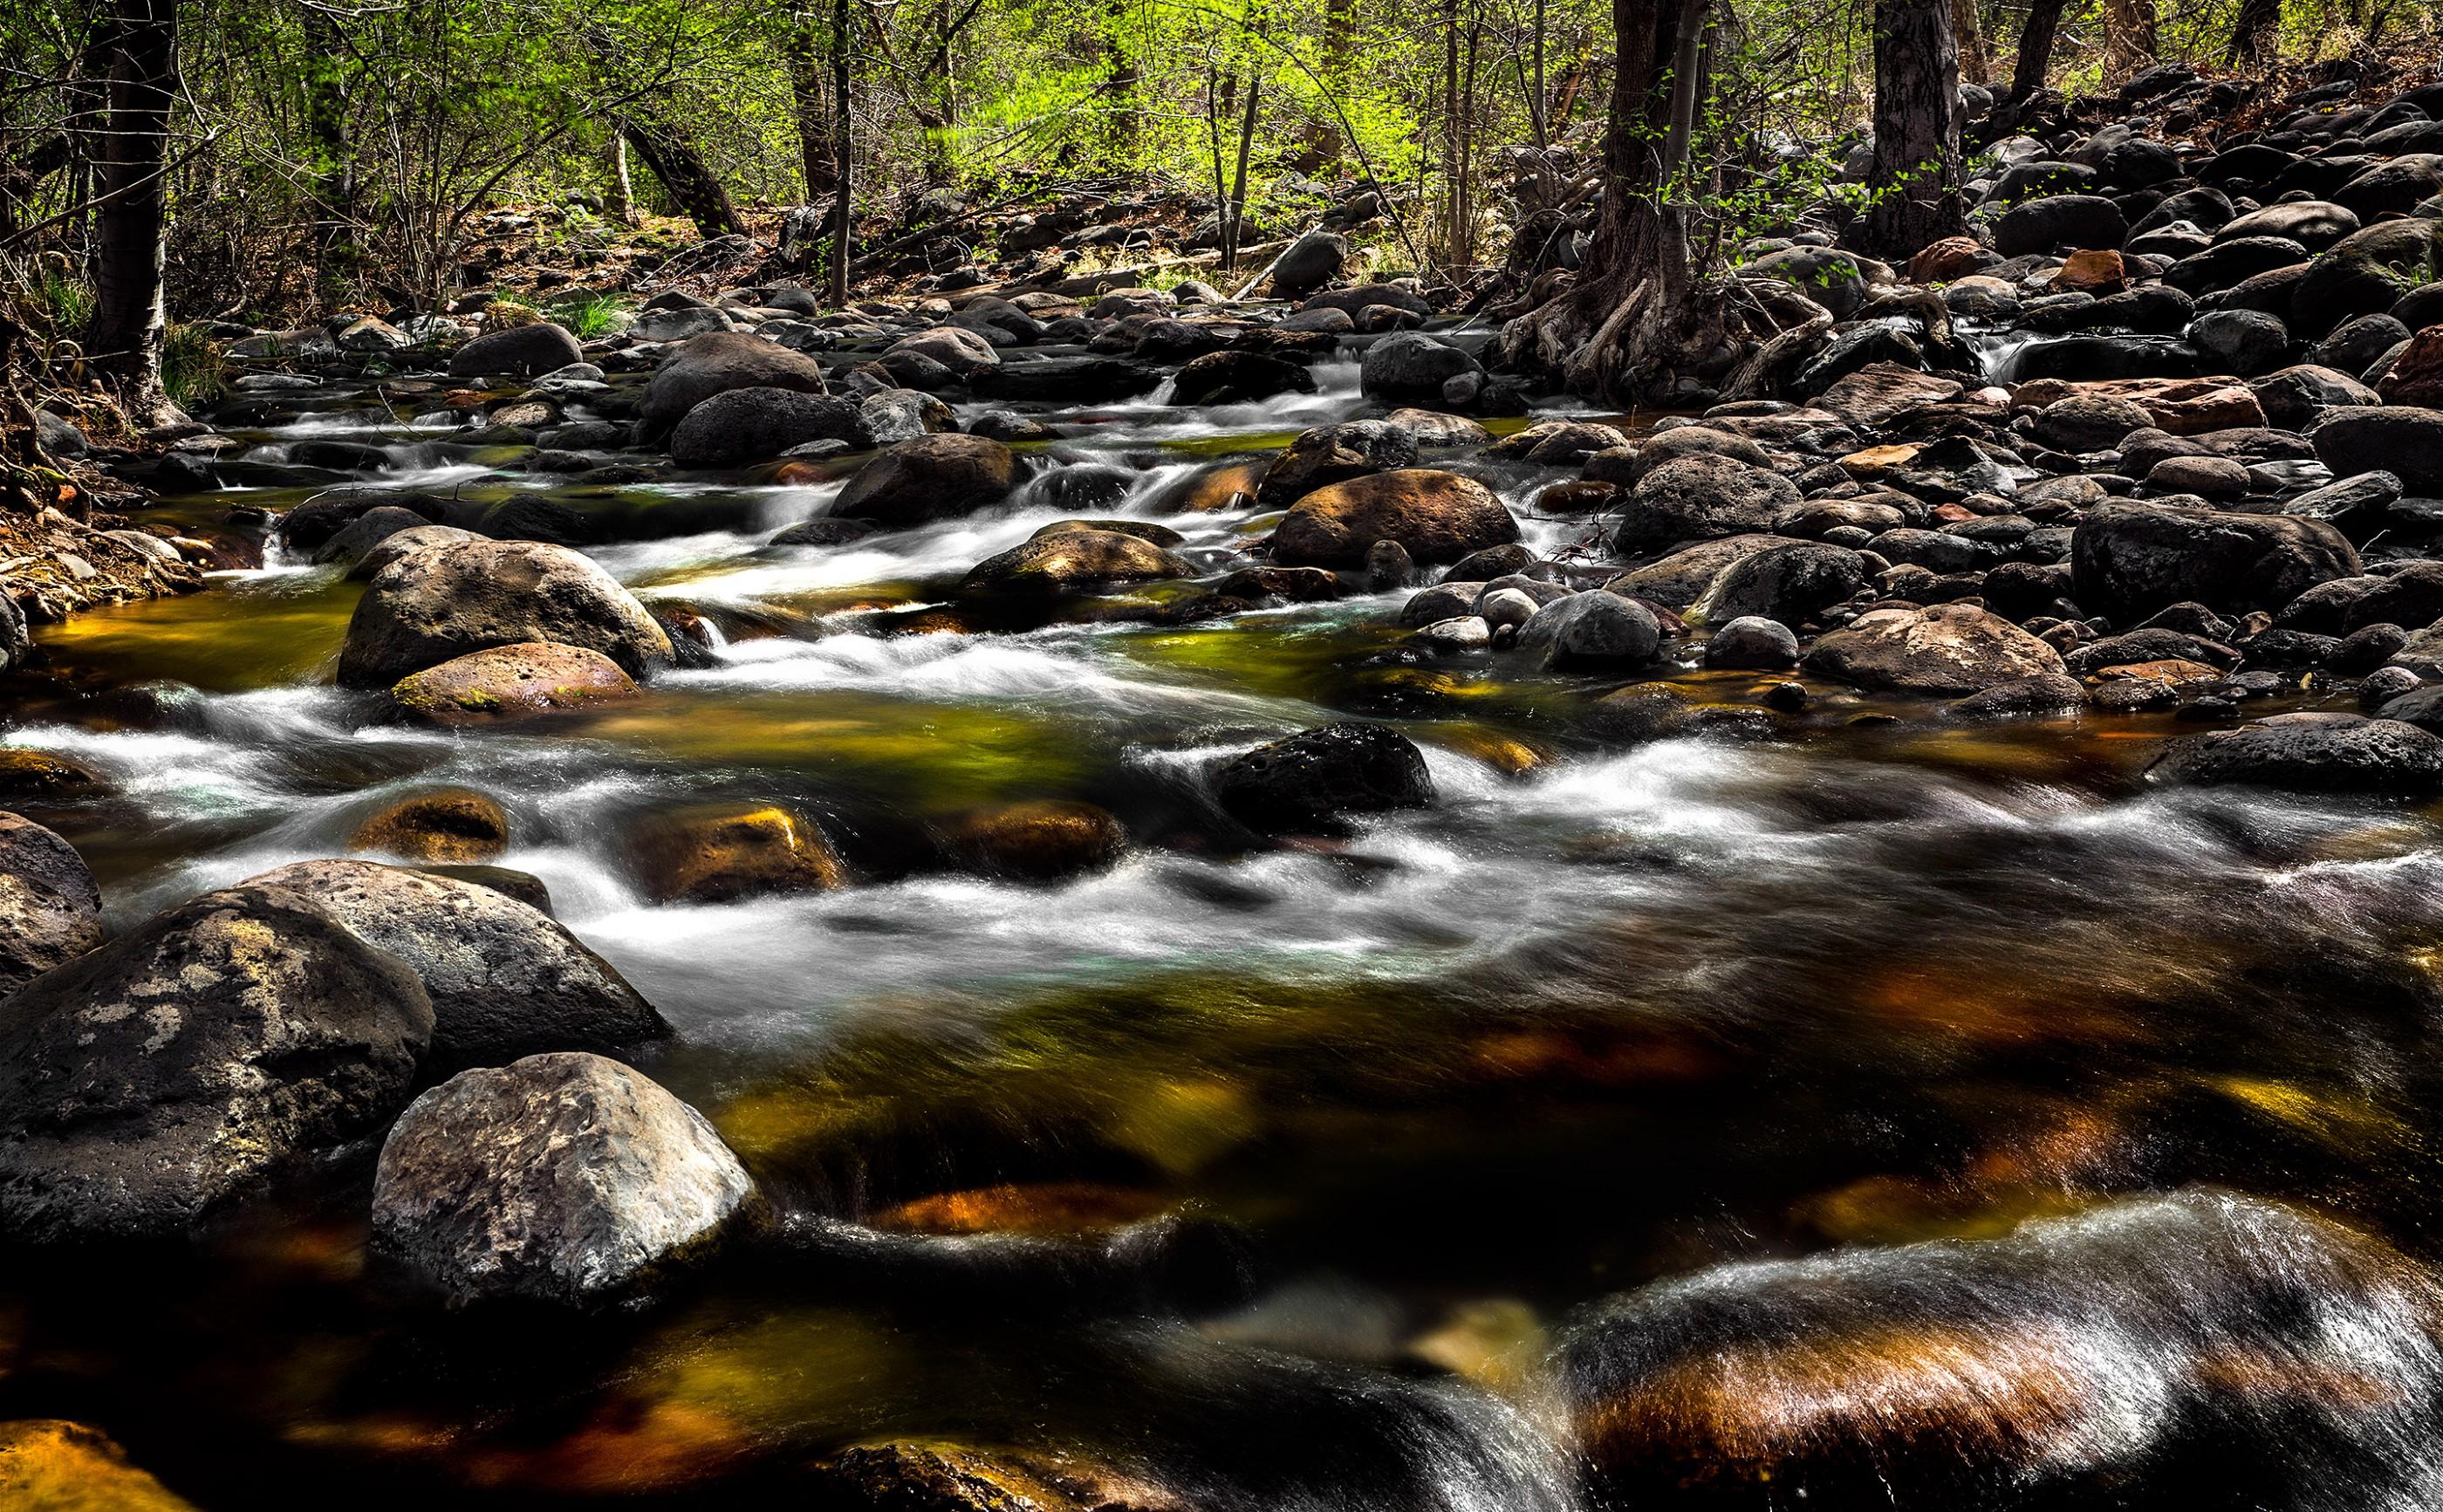 oak-creek-cascade-river-sedona-arizona-